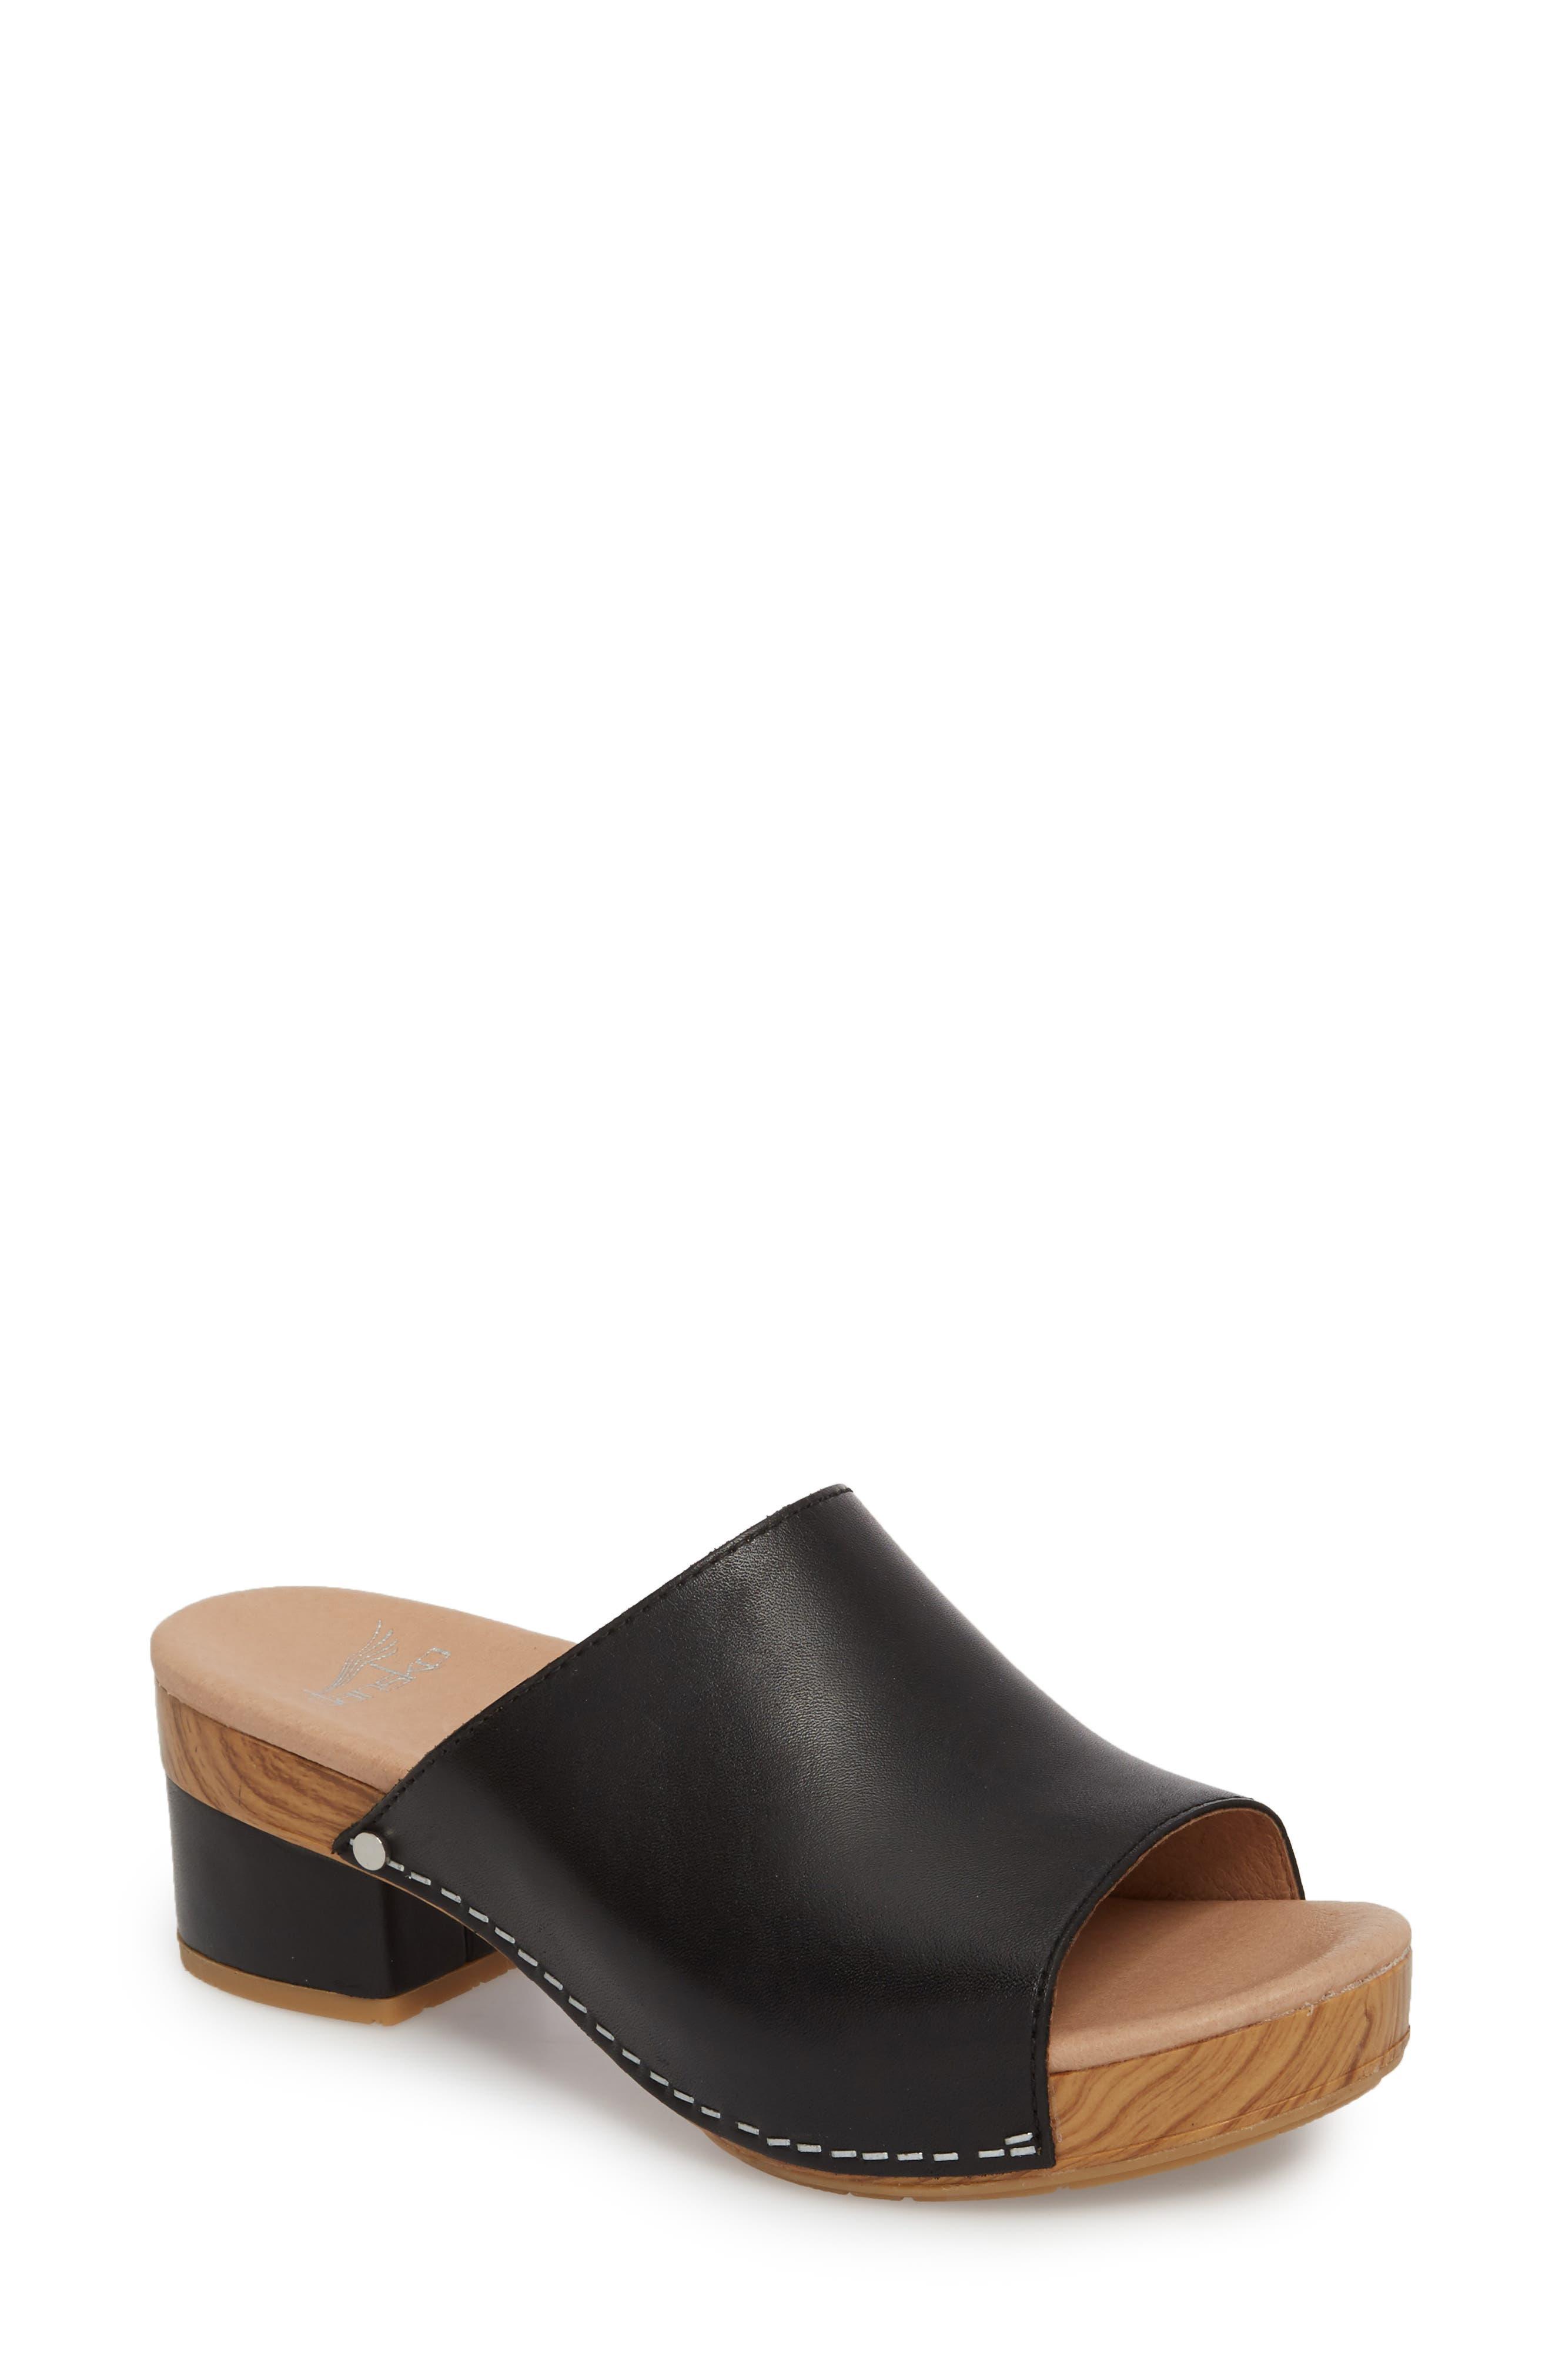 DANSKO Maci Mule Sandal, Main, color, BLACK LEATHER